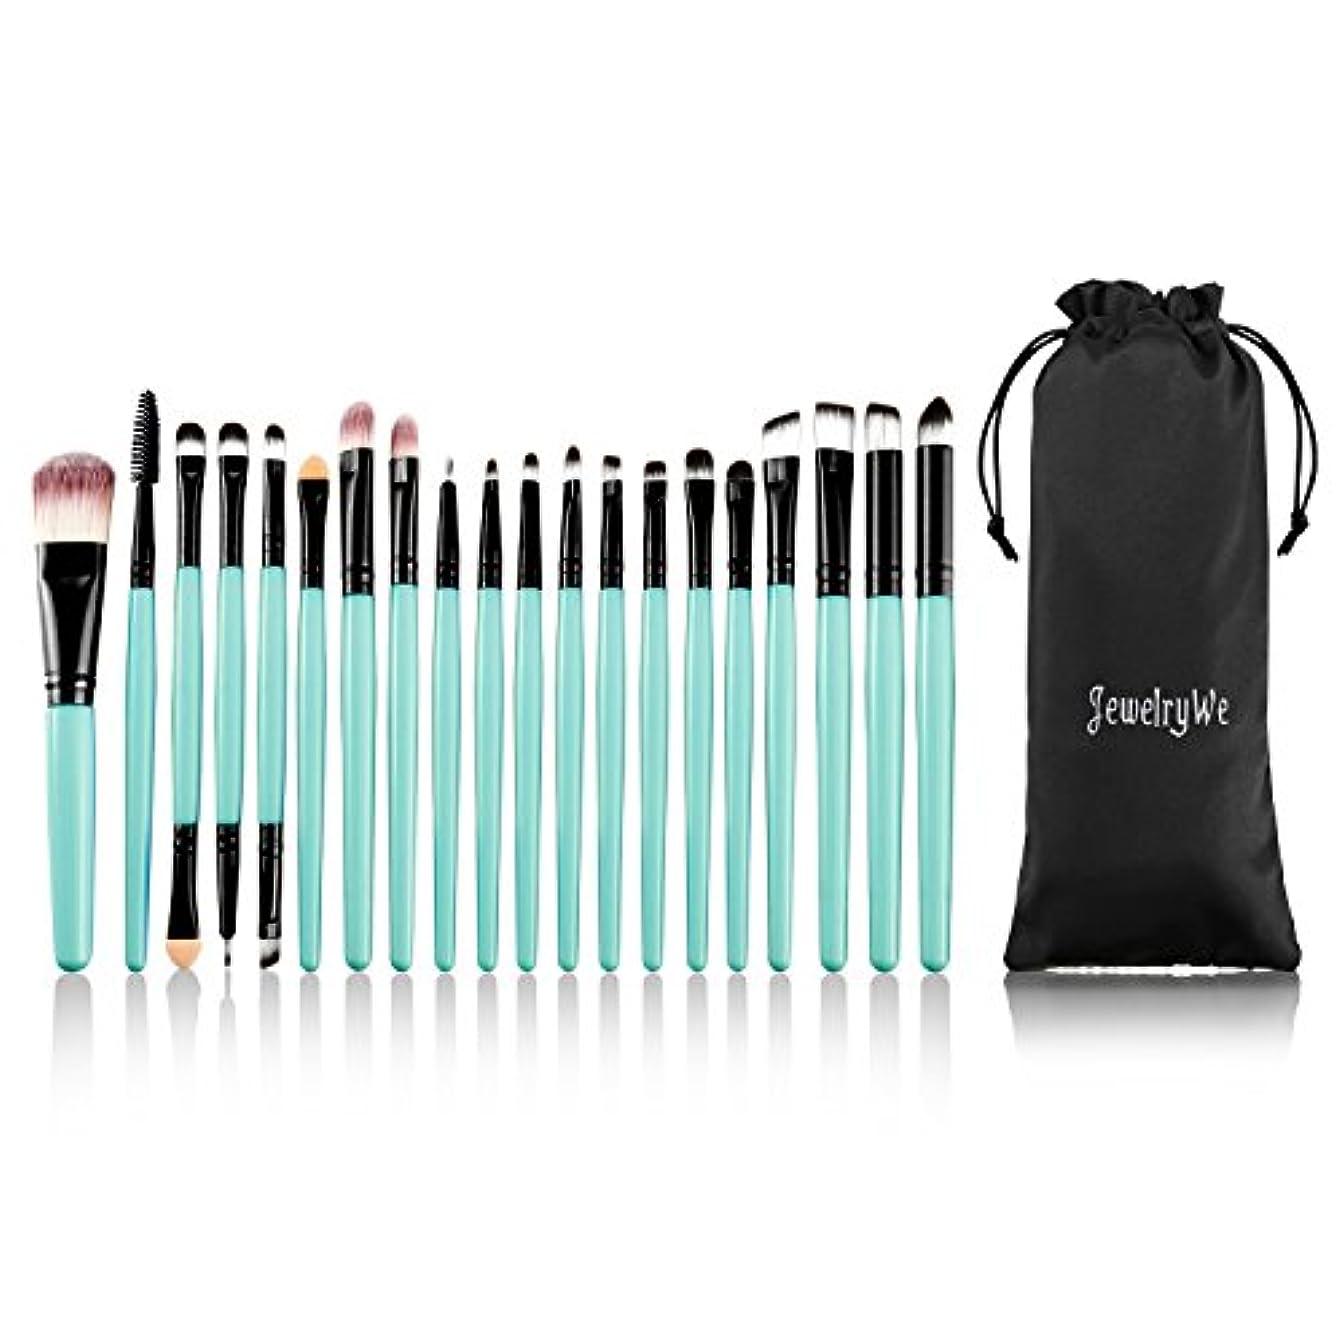 急襲スコア発表するJewelryWe (20本セット)メイクブラシ 化粧筆 高級化粧ブラシセット 収納ポーチ付き 持ち運び 便利-[グリーン]